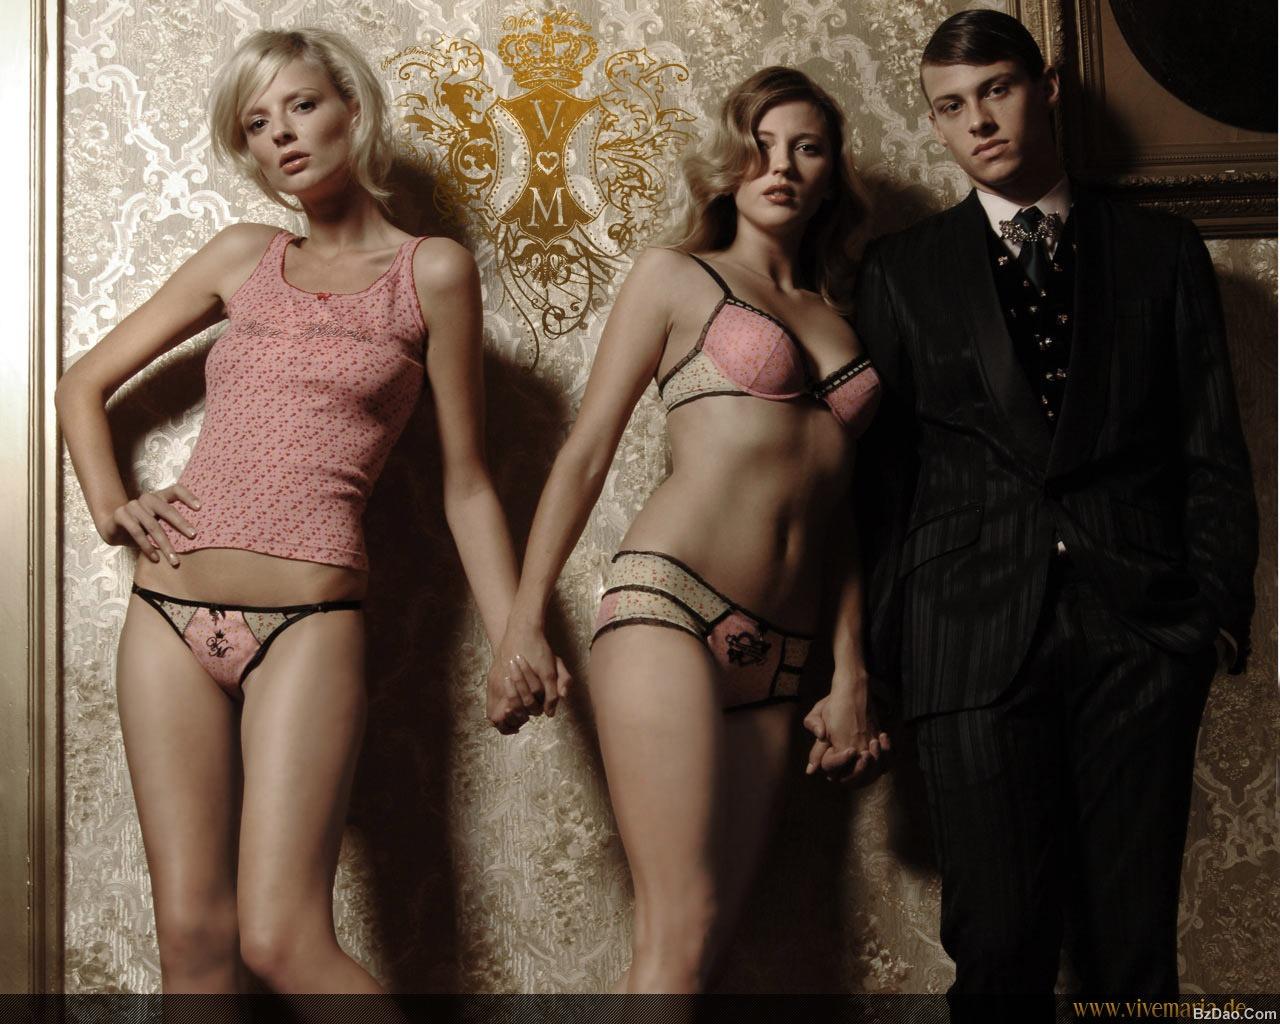 时尚奢侈著名品牌内衣包包壁纸集[图]-第11页-软件